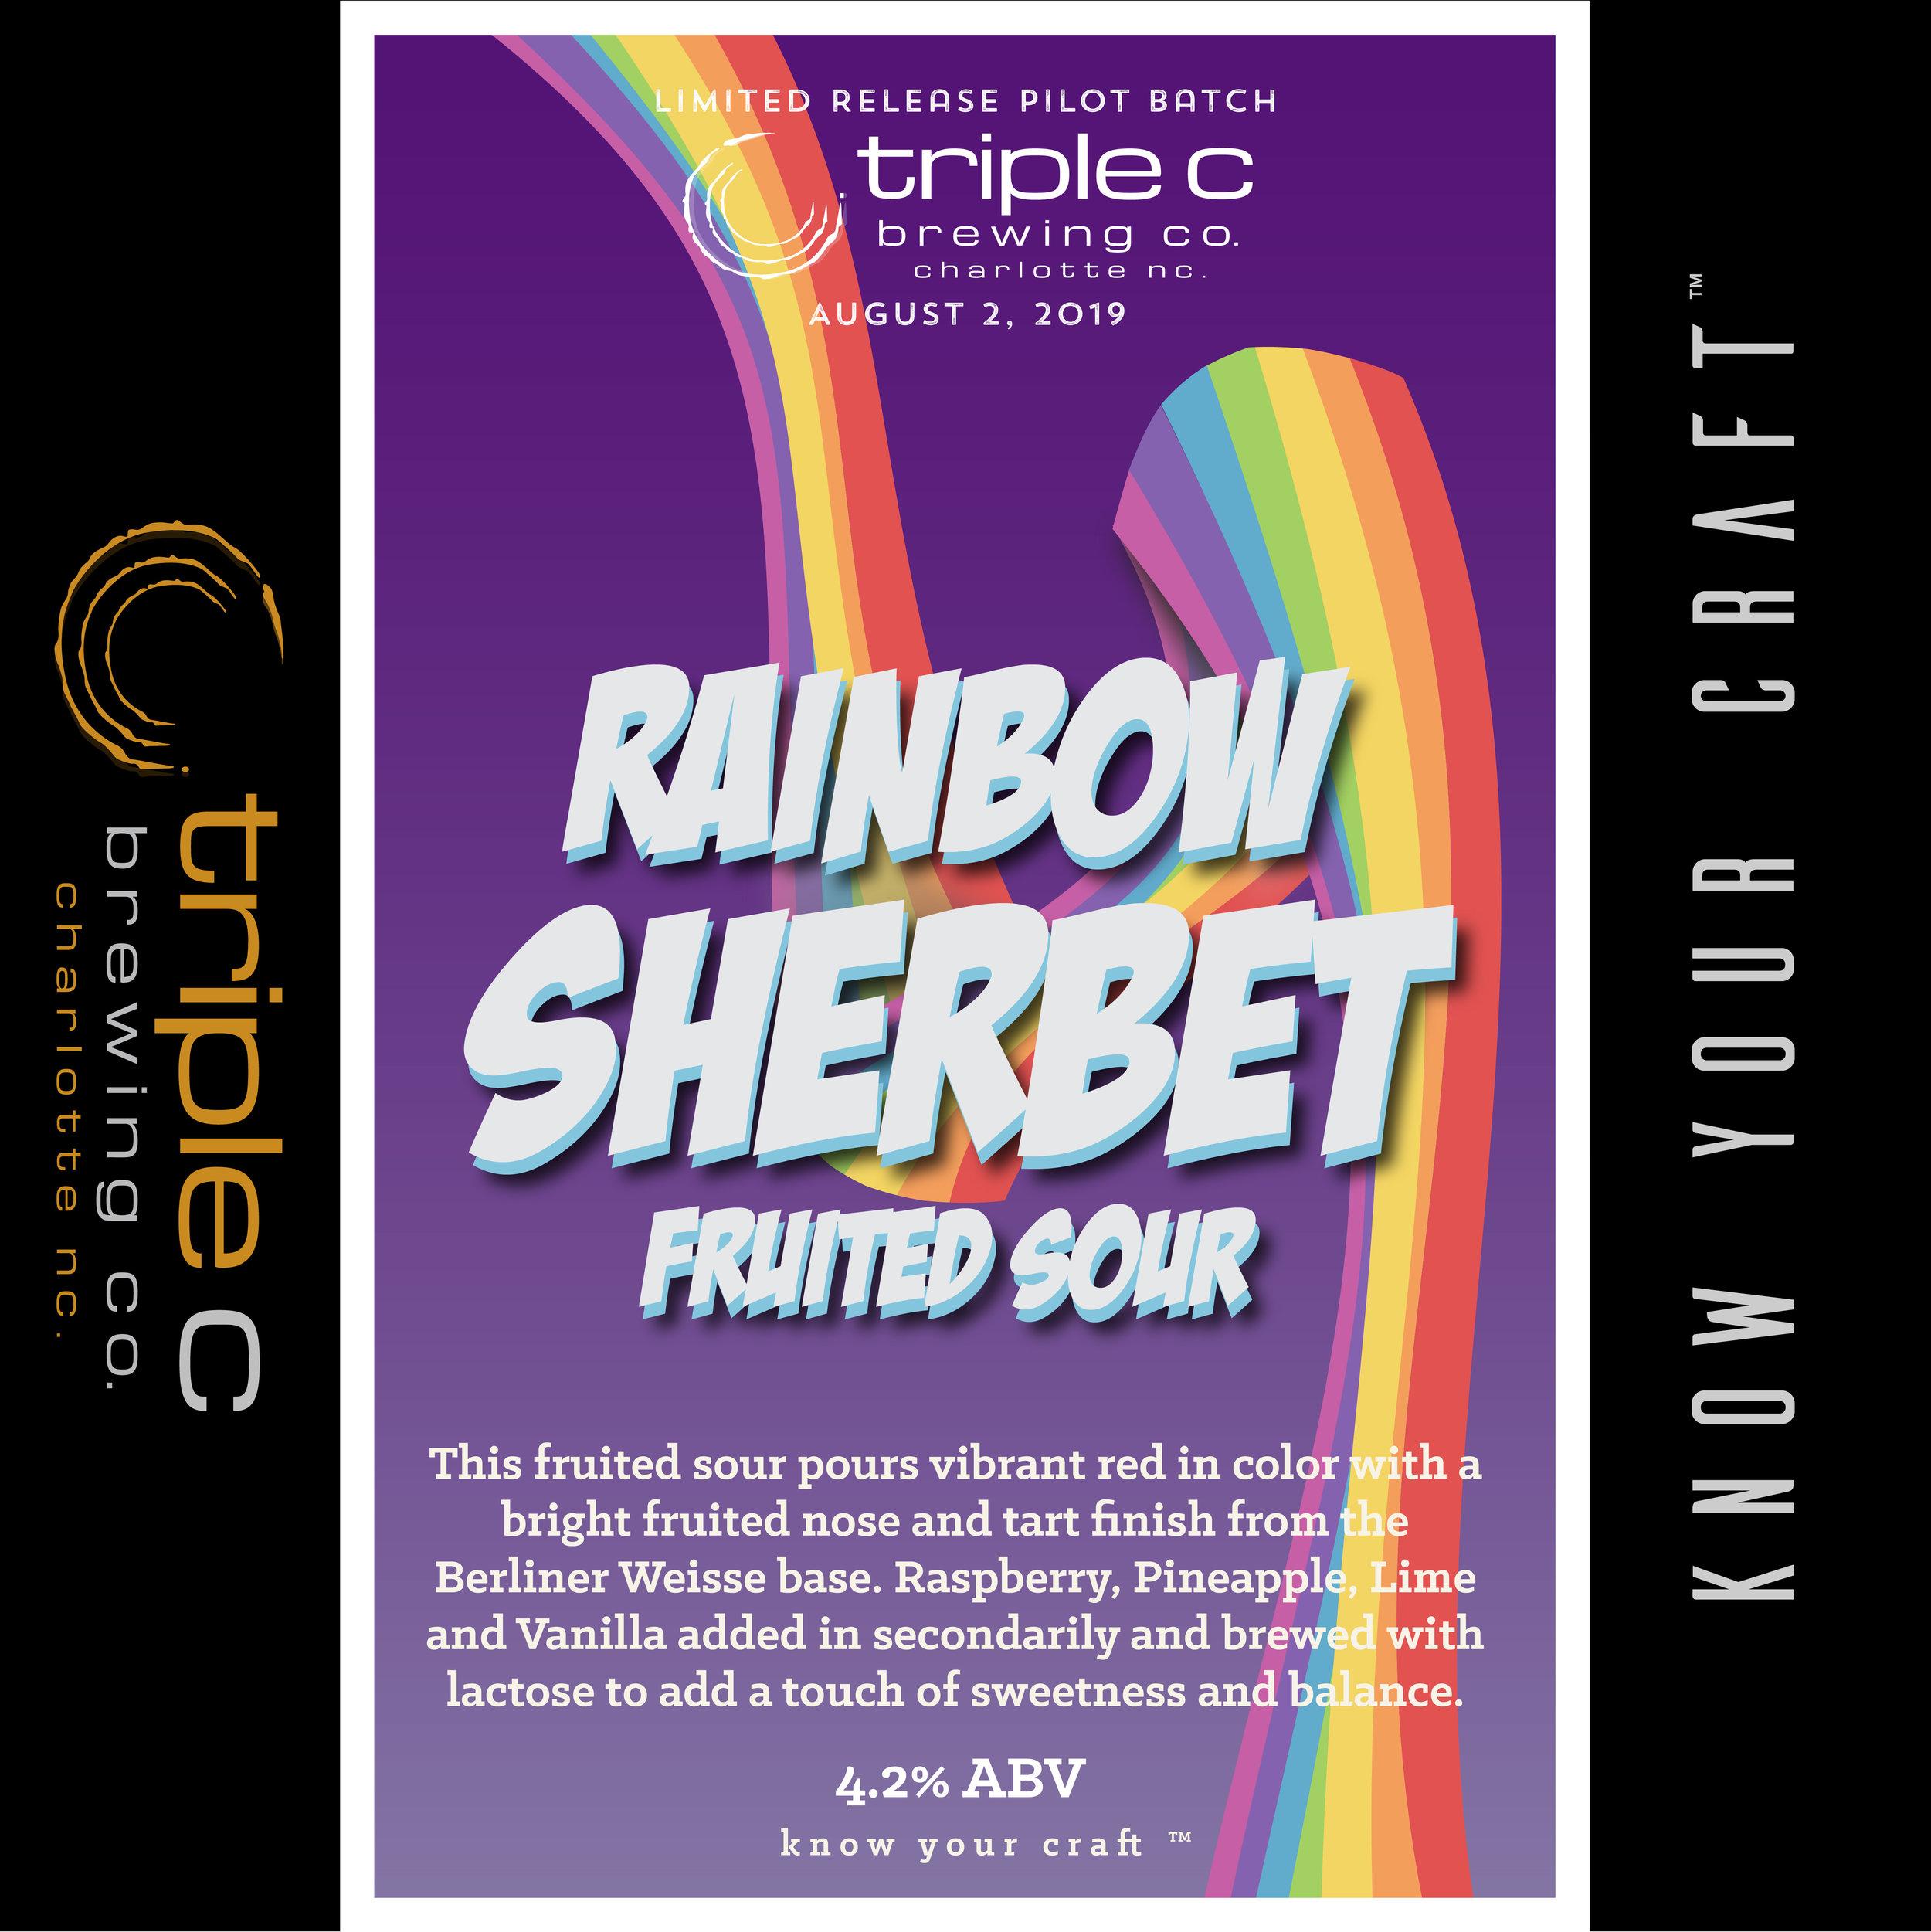 RainbowSherbetSour_Media2.jpg